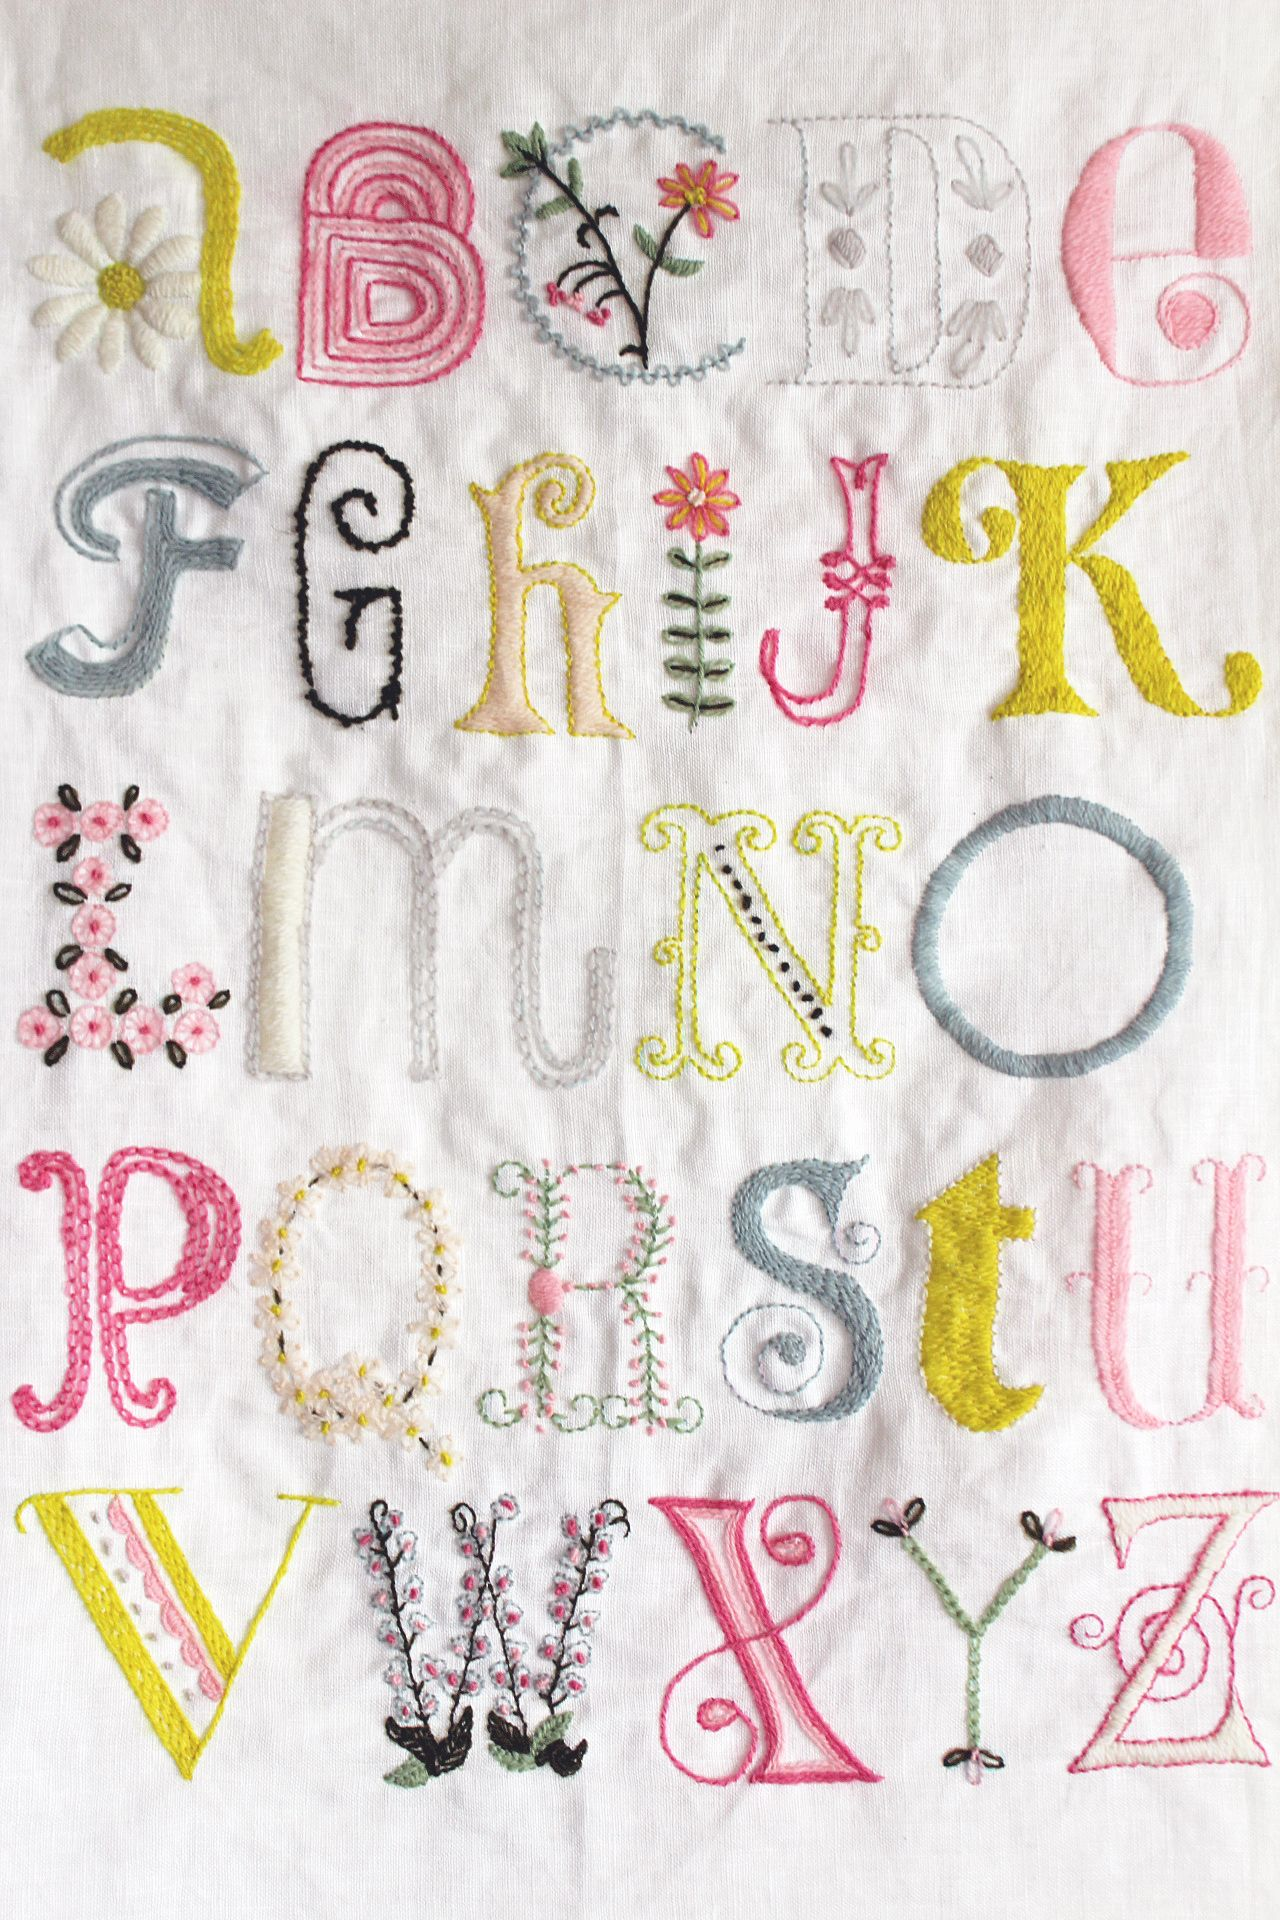 刺繍 図案 アルファベット 刺繍フォント 刺繍 図案